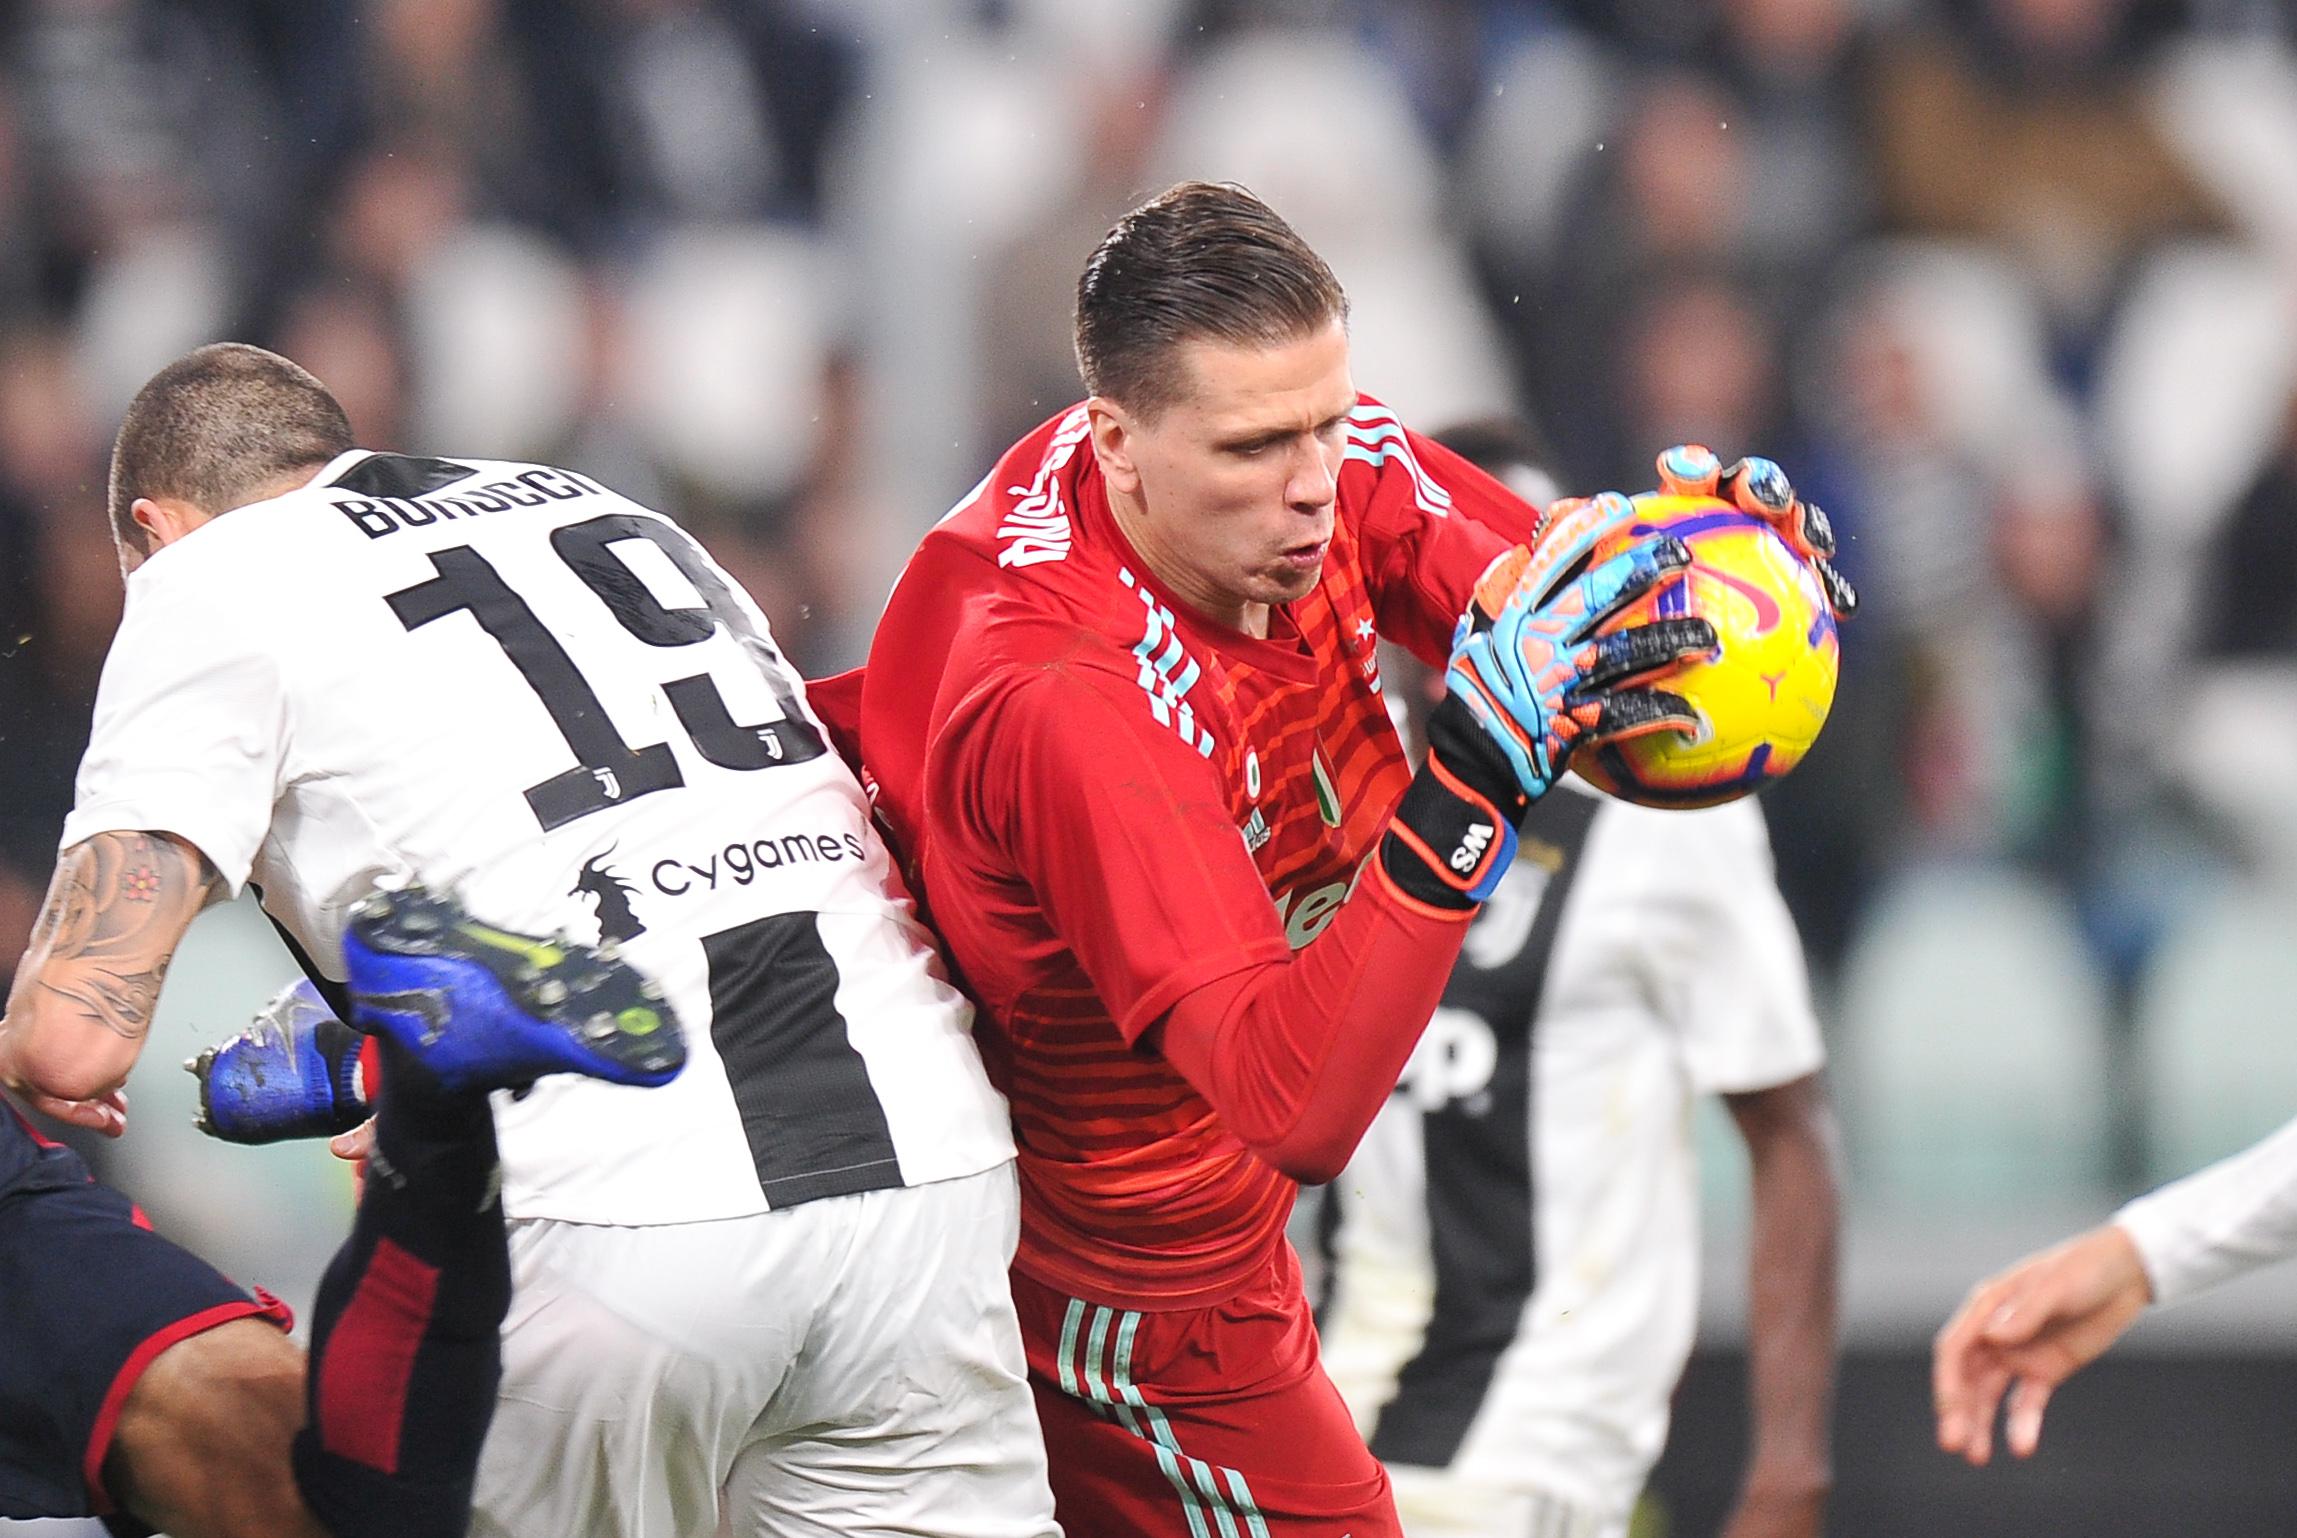 2018.11.03, Turyn, Pilka nozna,  Seria A 2018/2019, Juventus Turyn - Cagliari Calcio N/z: Wojciech Szczesny, Foto Norbert Barczyk / Press Focus